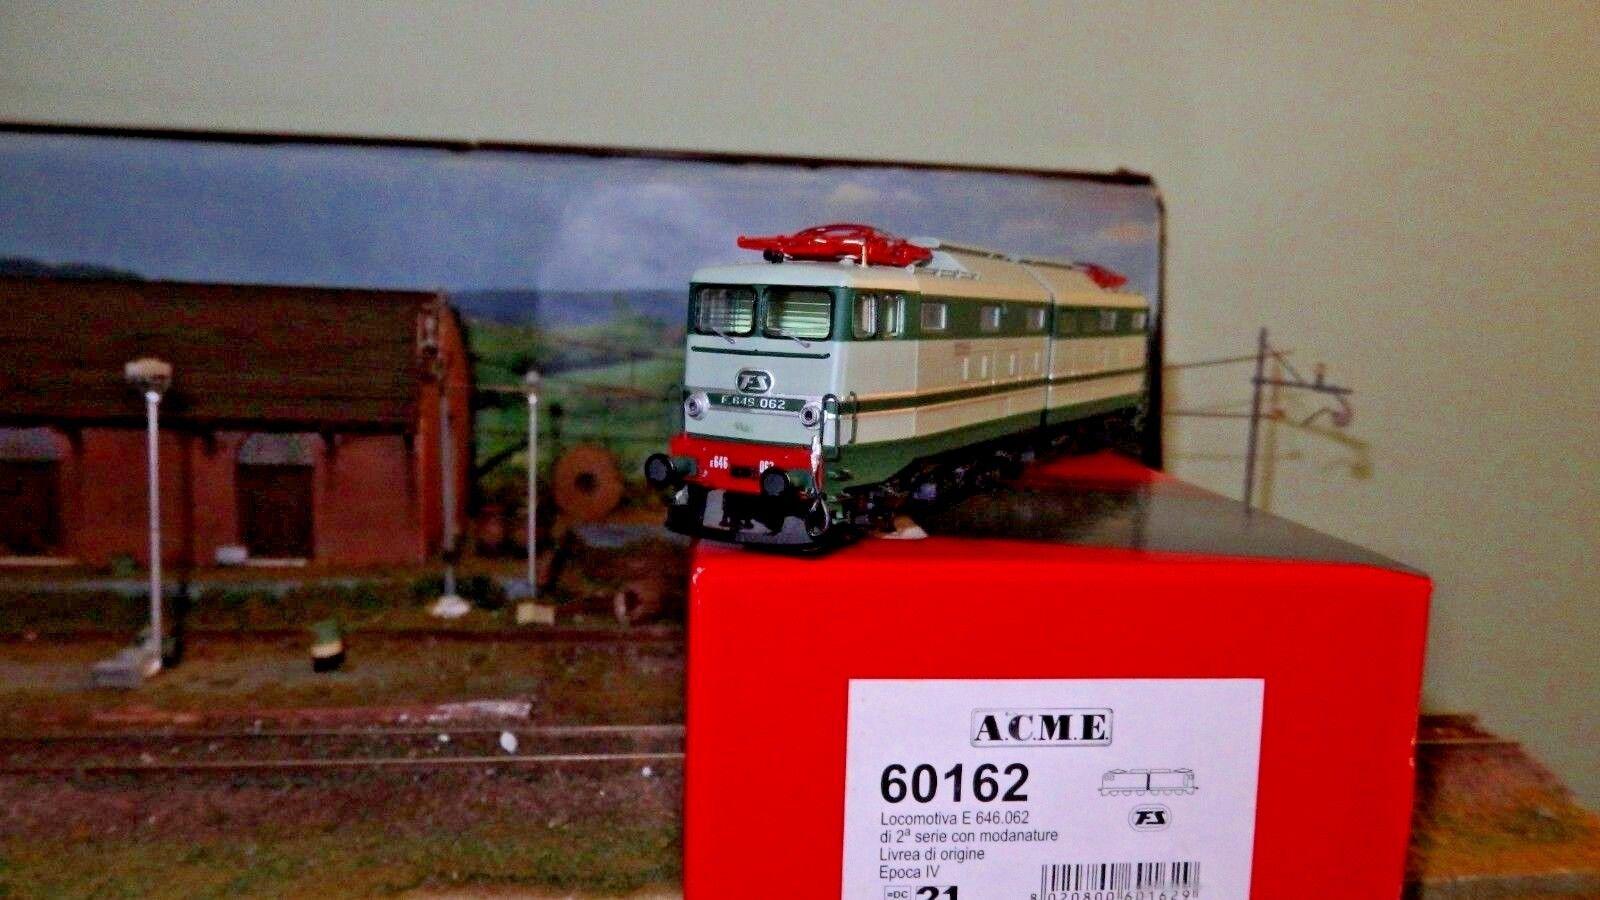 ACME 60162 646 062  II SERIE verde grigio con modanature, scalette larghe, FS